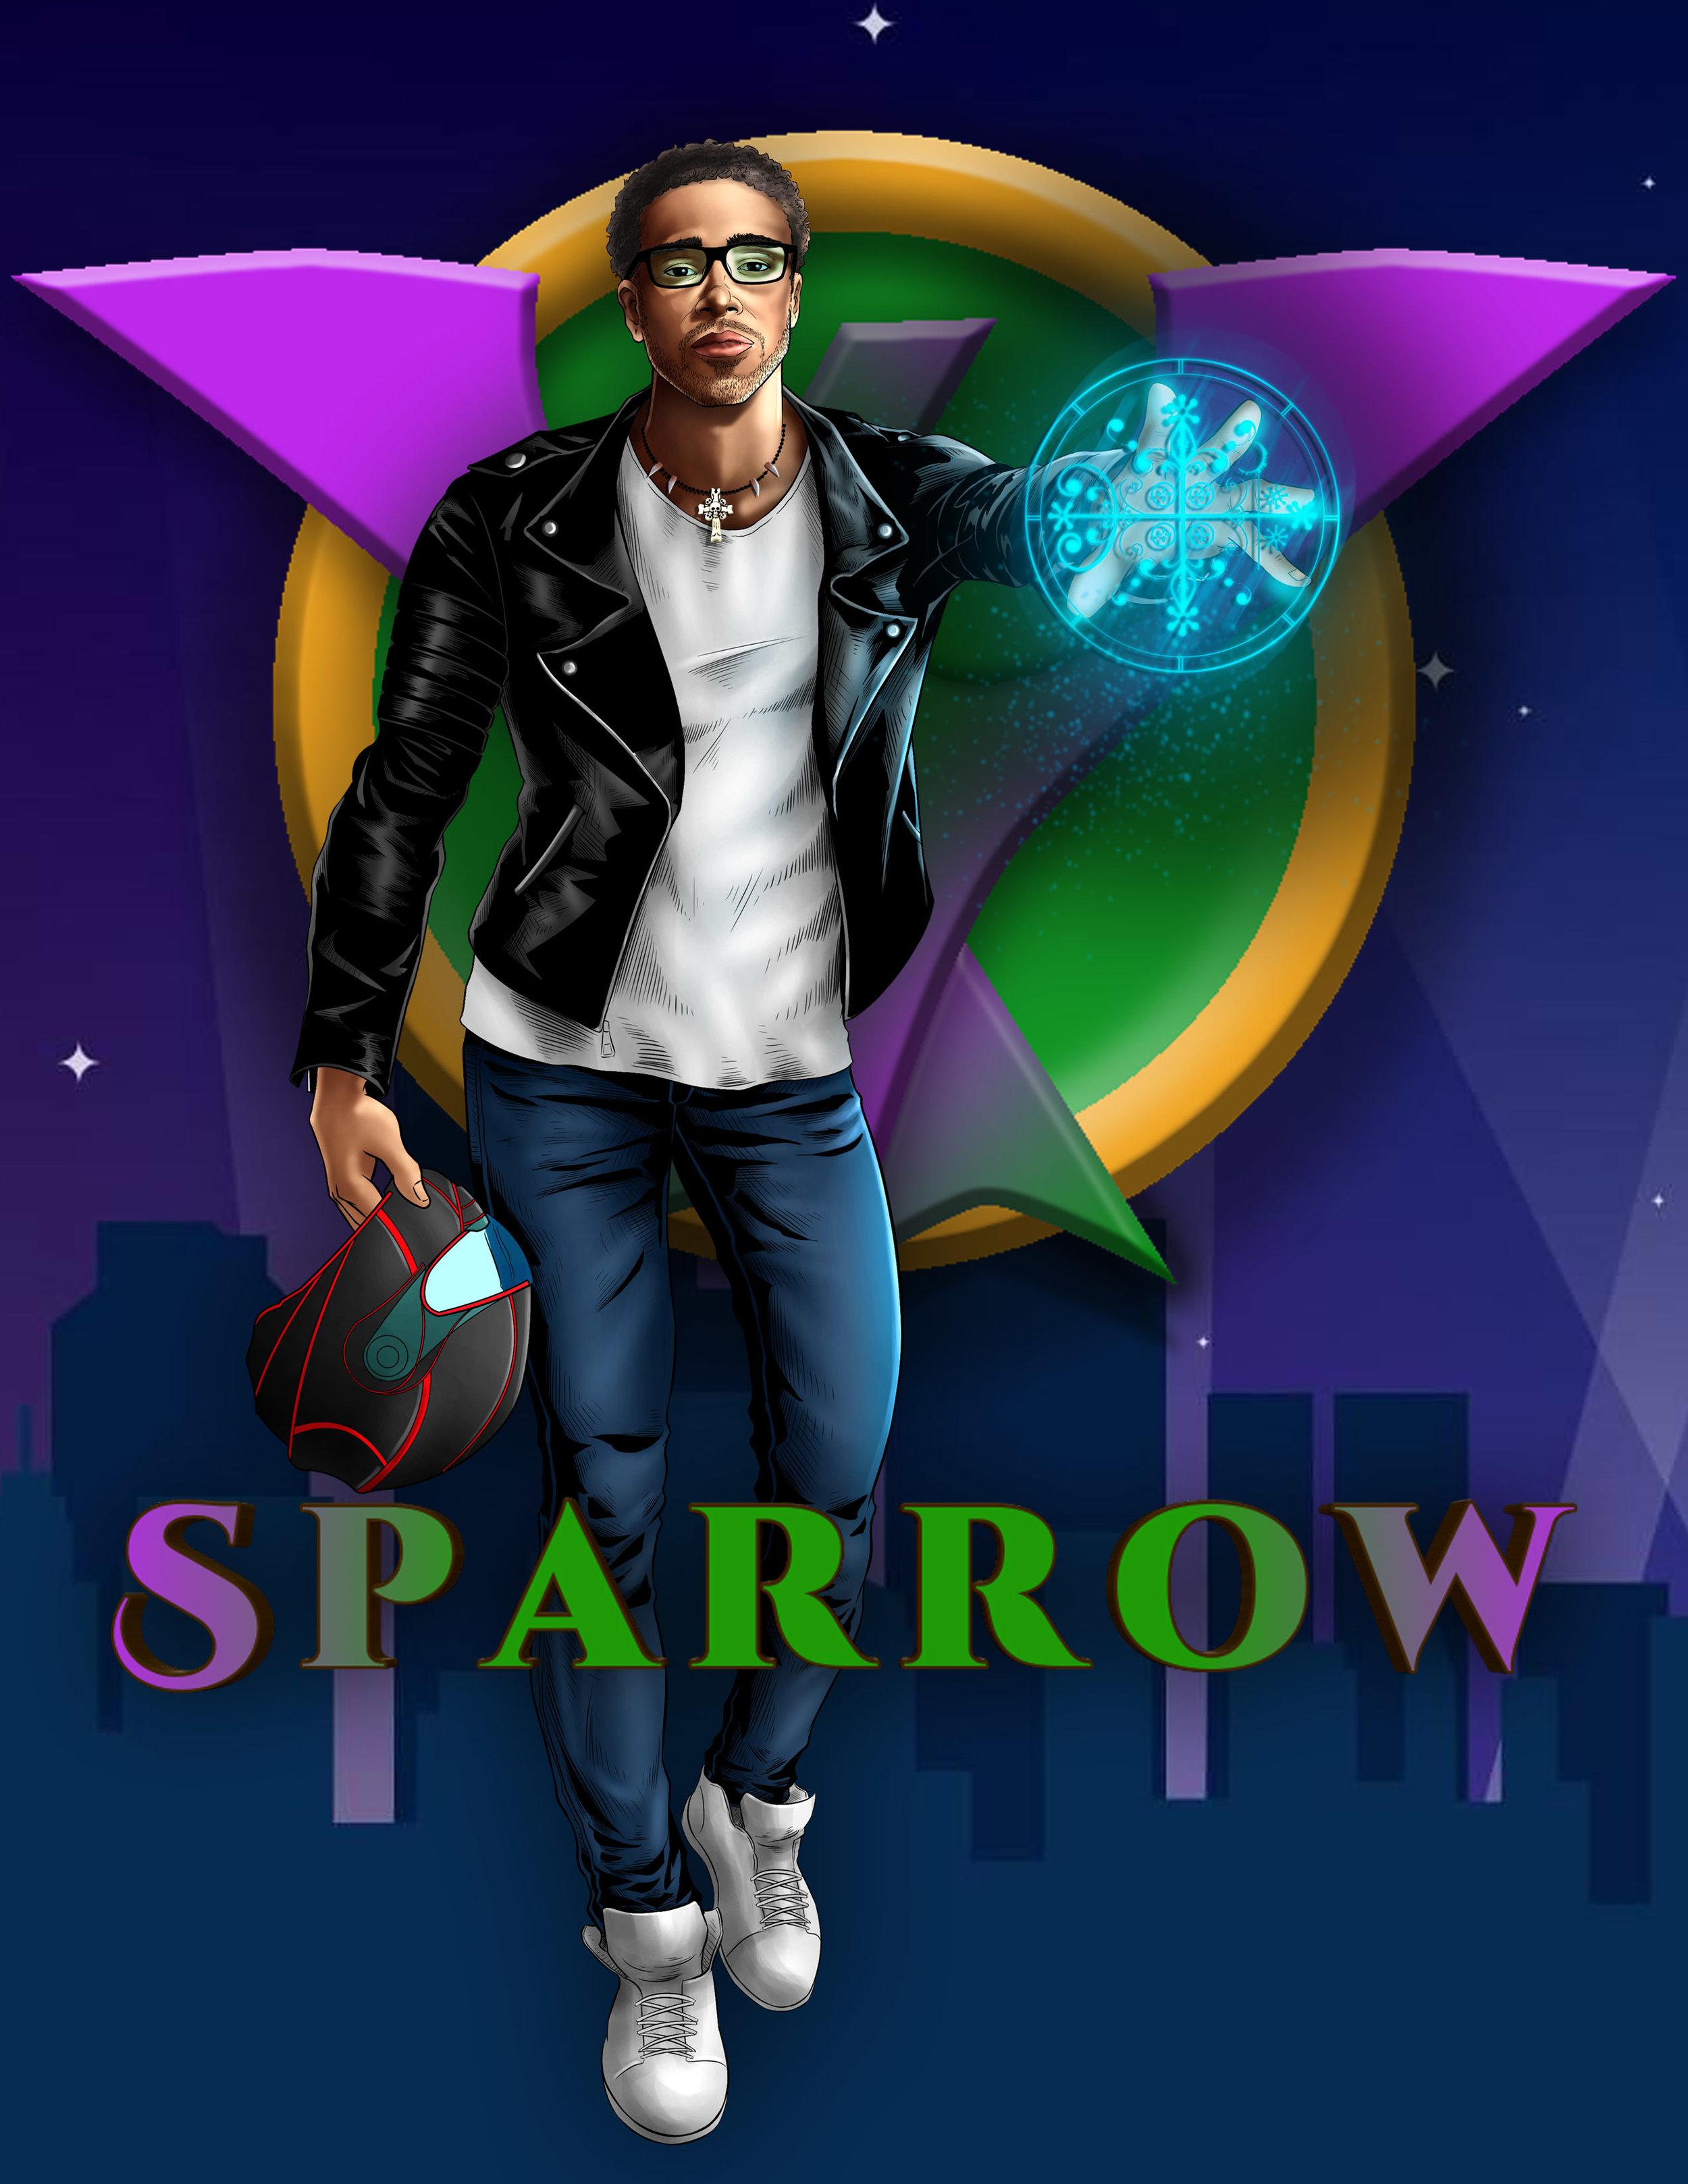 Sparrow, Keiran